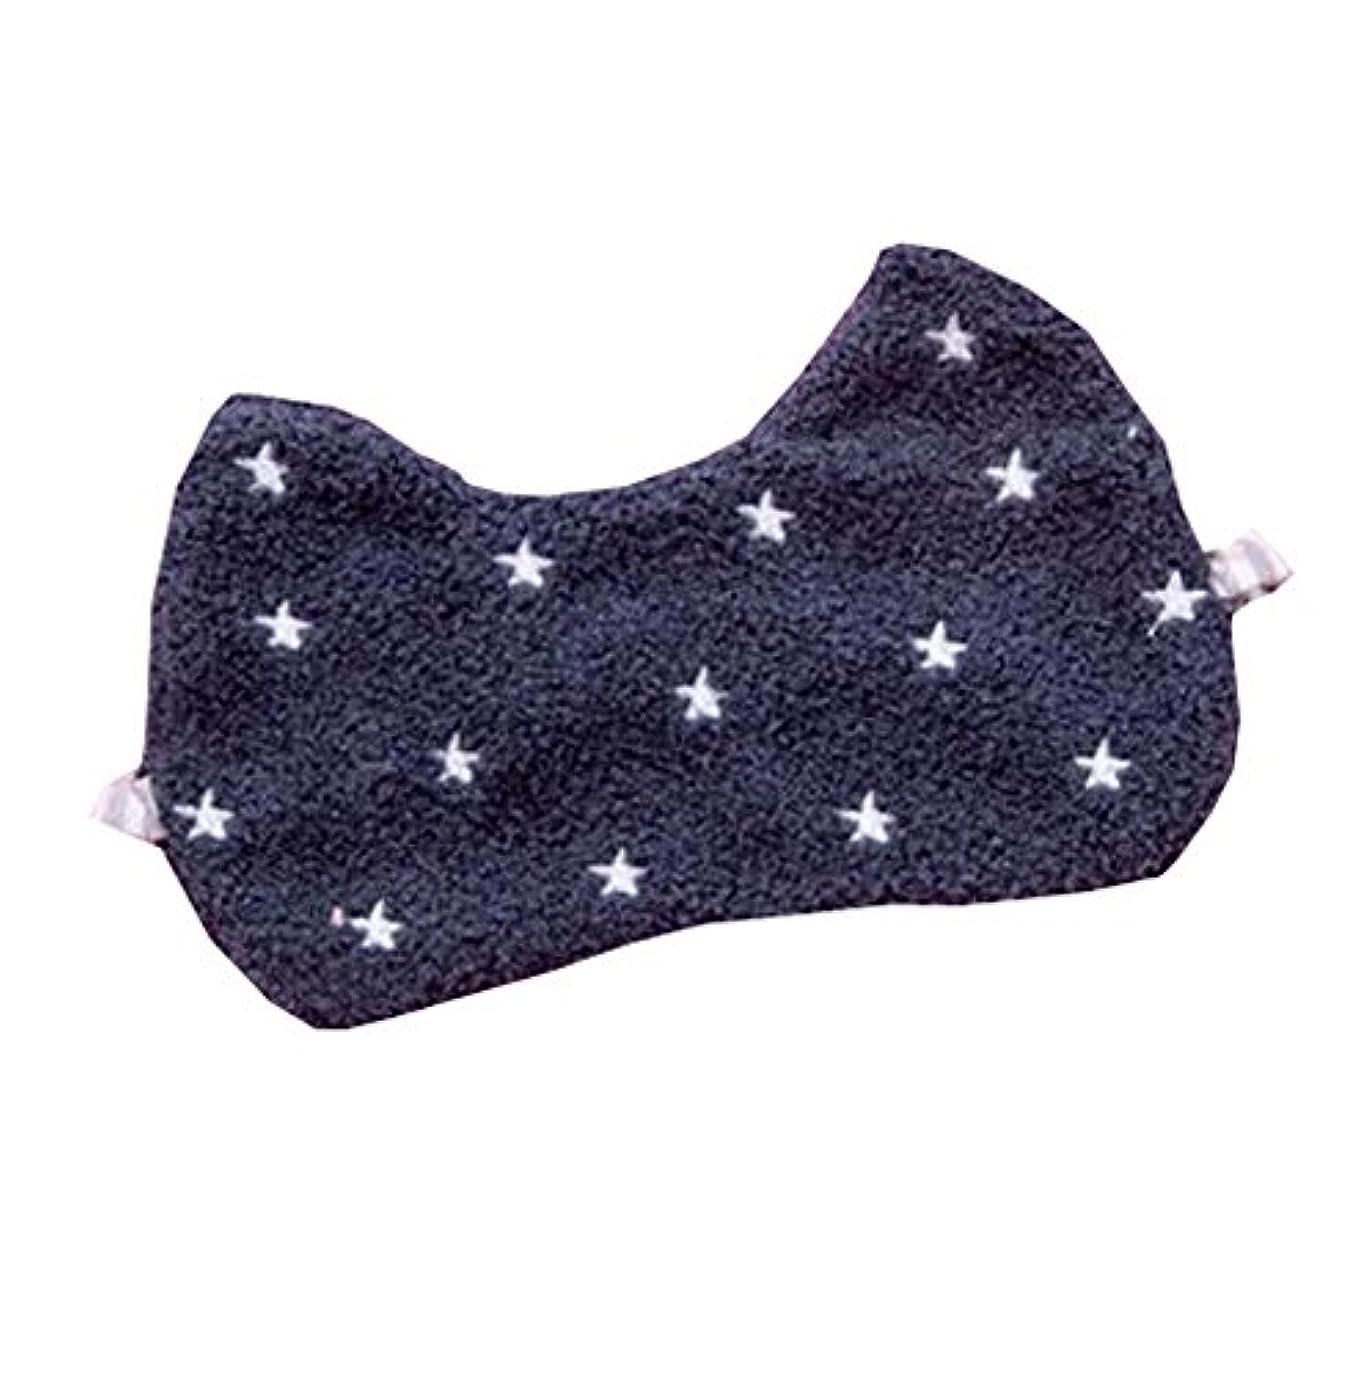 鼓舞するもろい作ります女の子の旅行スリーピングアイシェード - 目隠しナップカバーアイマスク睡眠改善、E